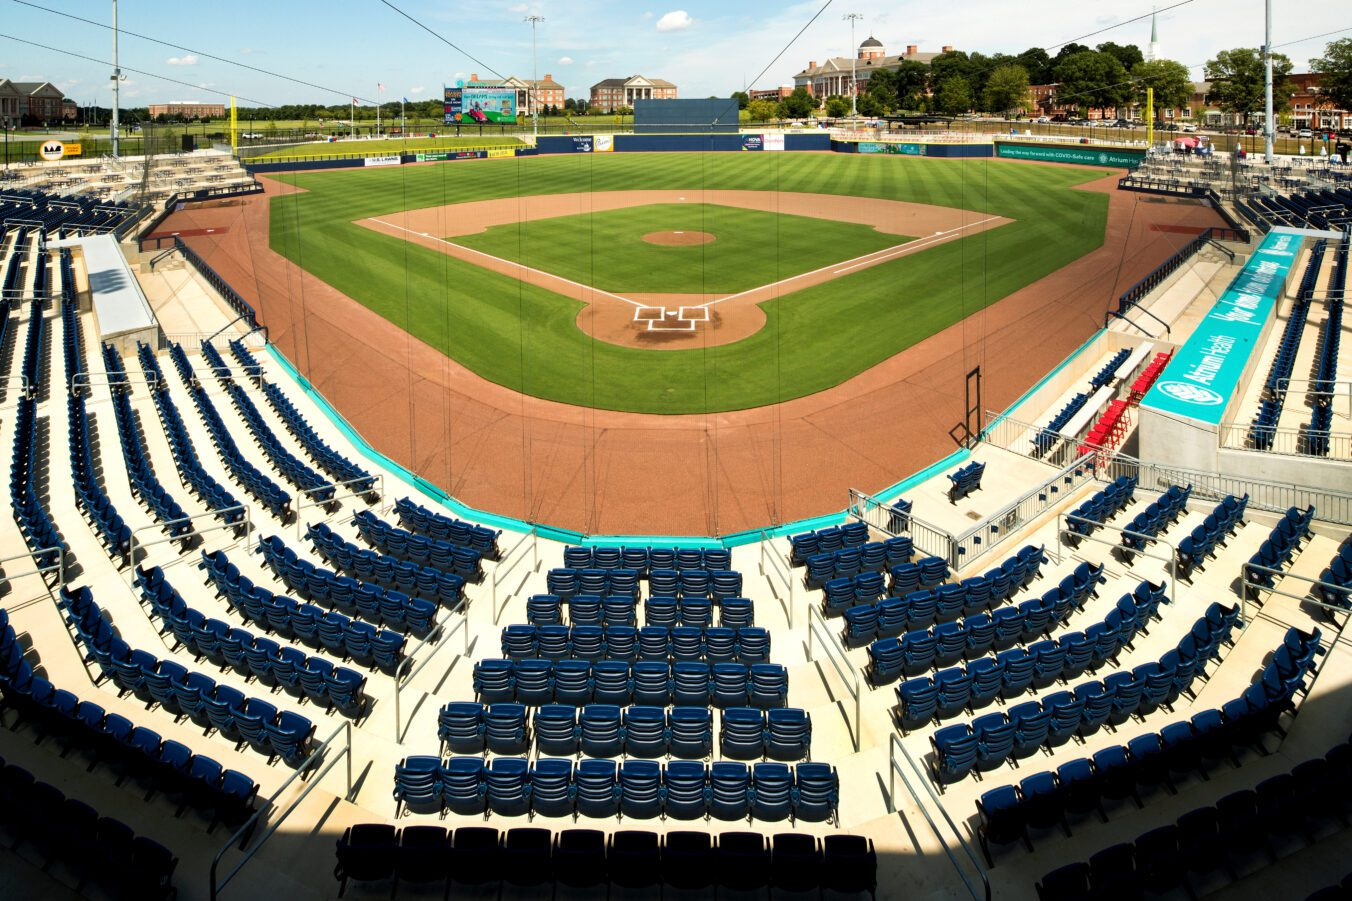 Atrium Health Ballpark